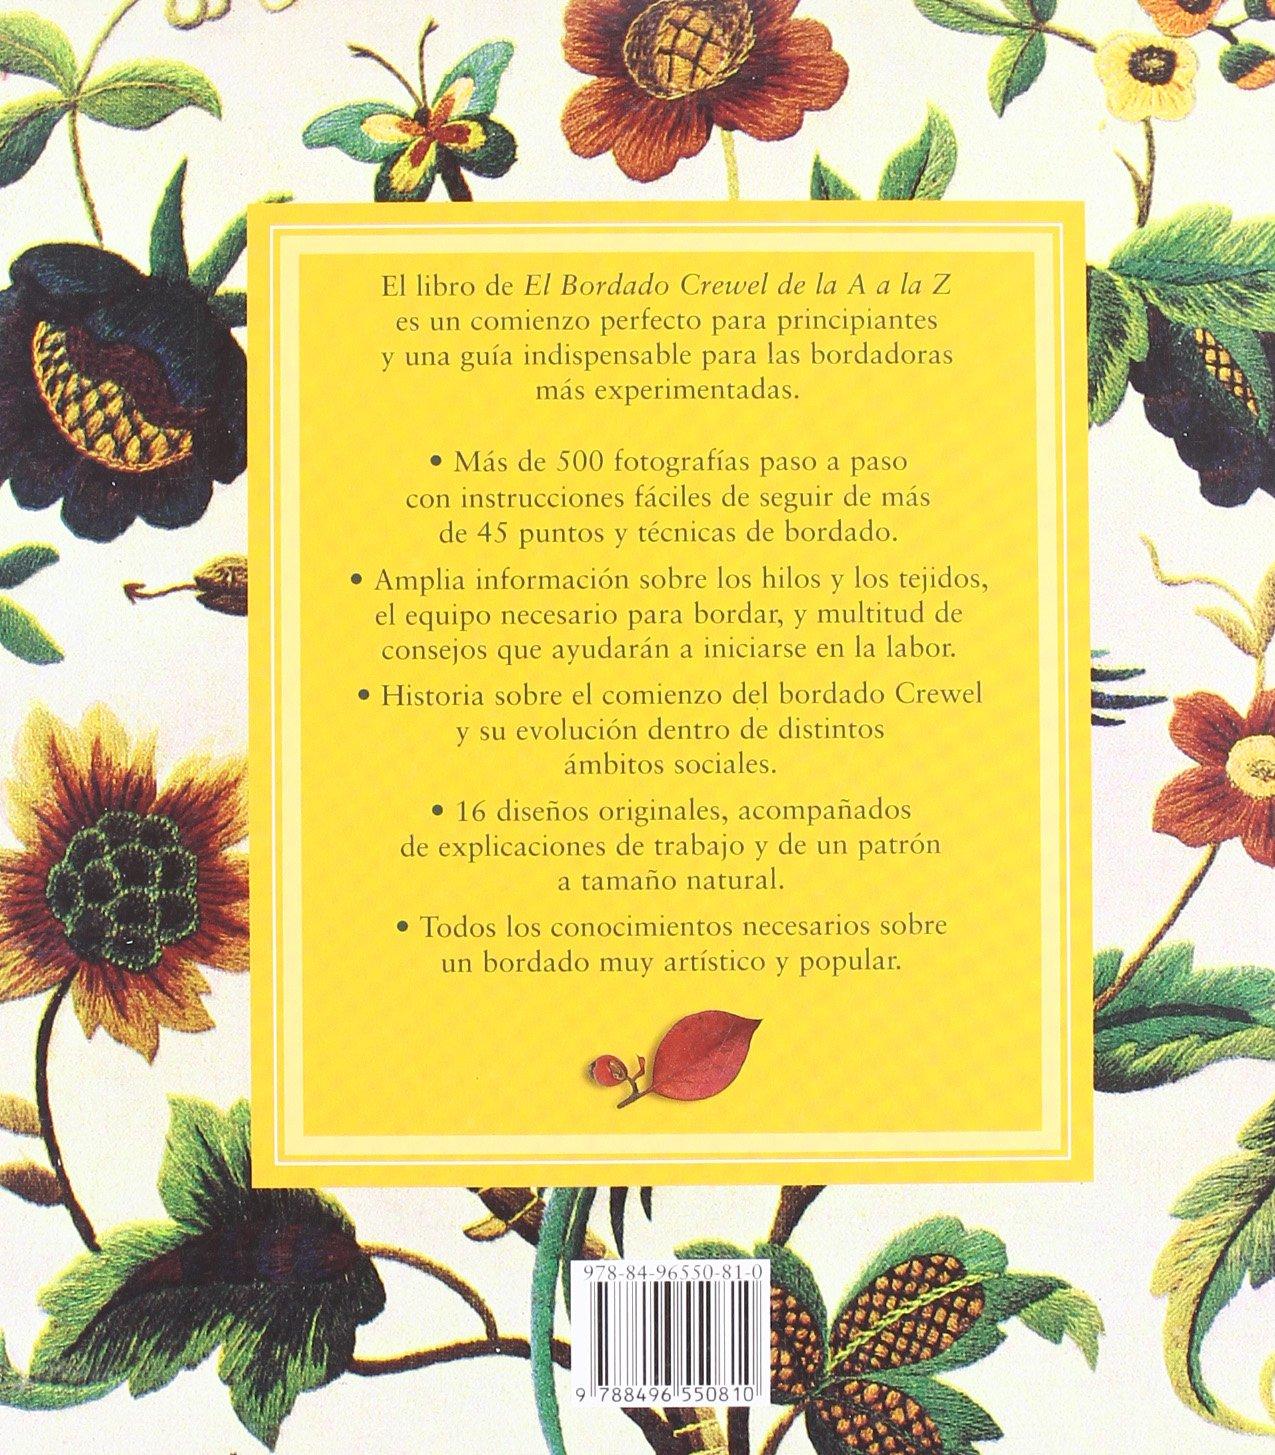 El Bordado Crewel de La a La Z: Amazon.es: Artistas varios: Libros